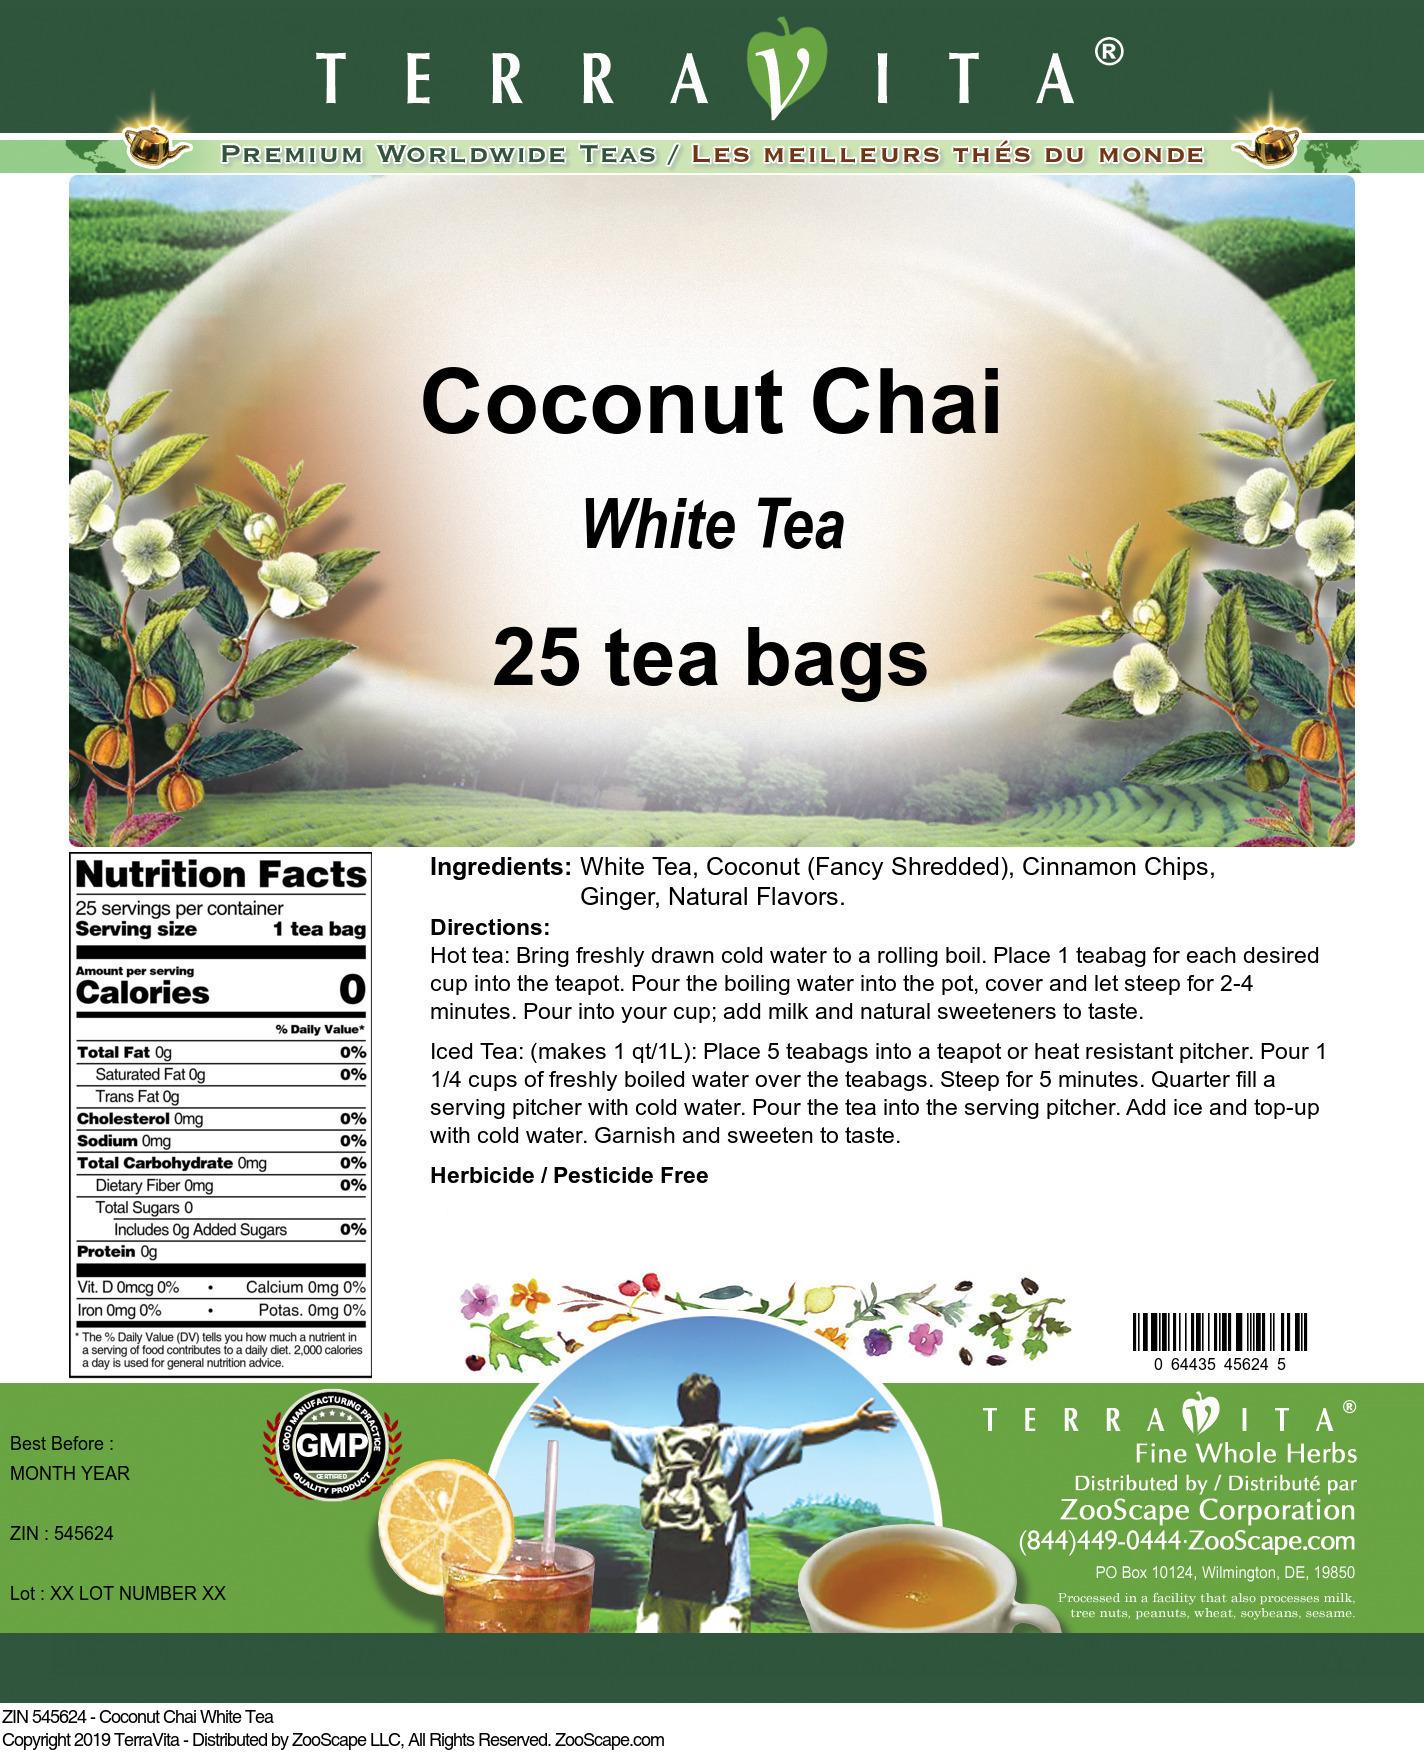 Coconut Chai White Tea